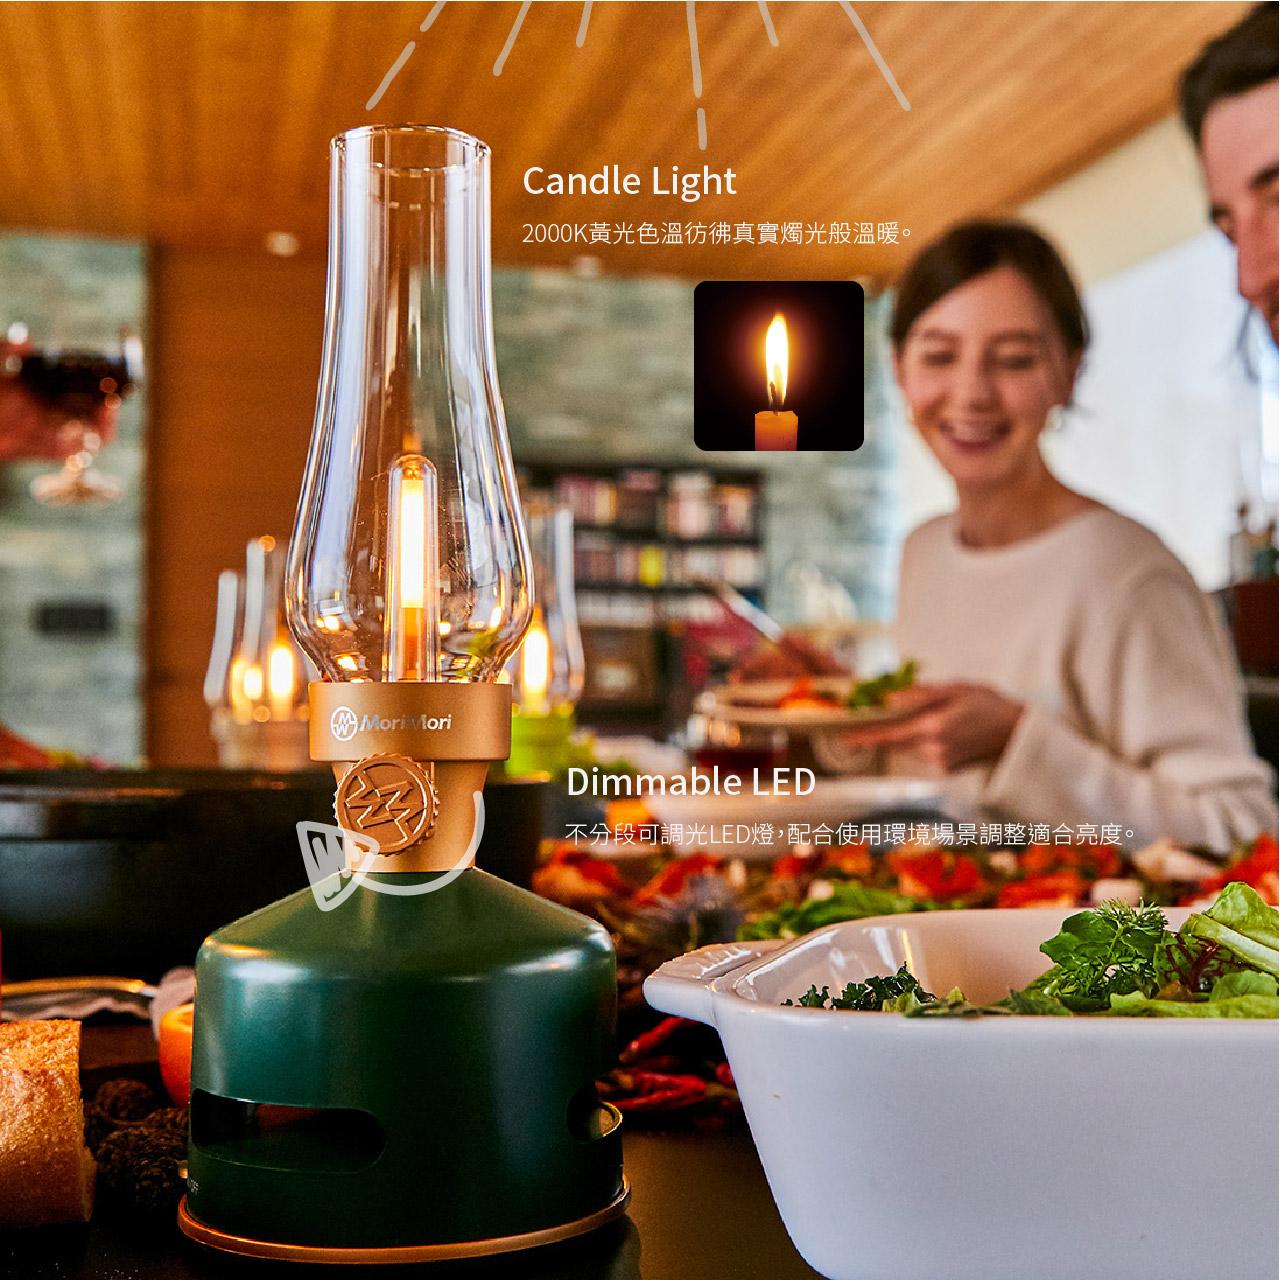 MoriMori LED煤油燈藍牙音響 產品描述